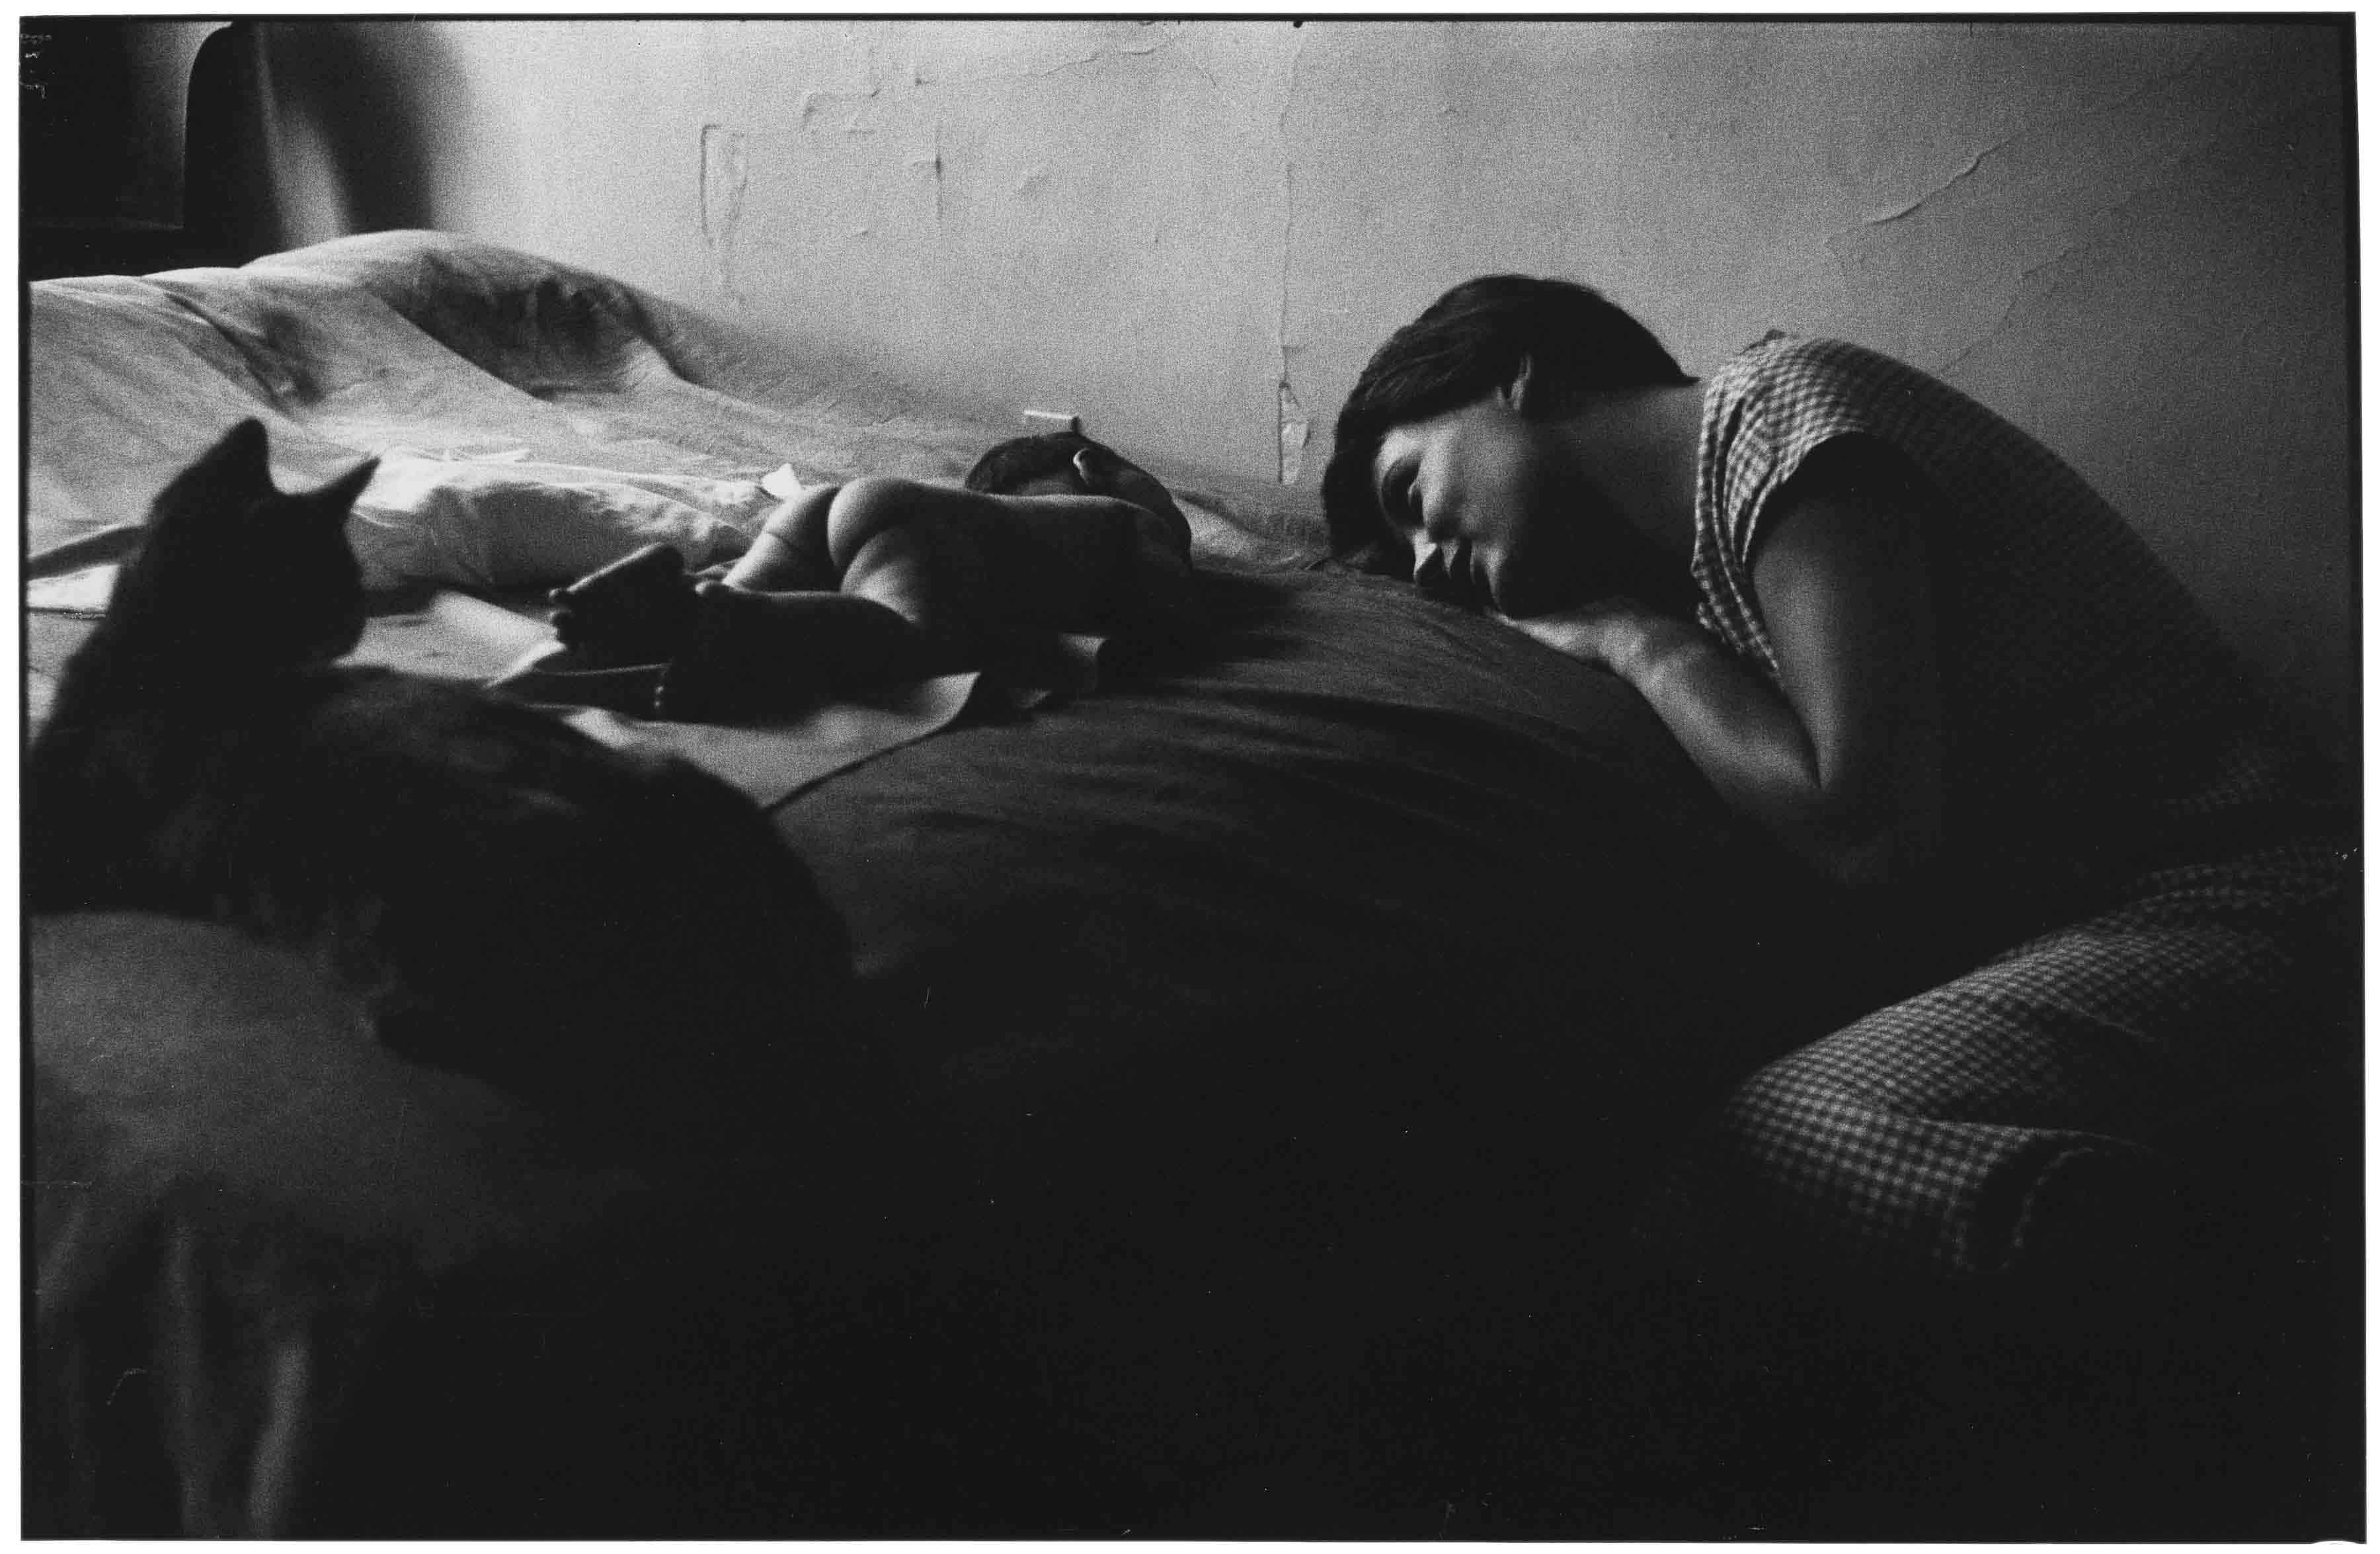 Elliott-Erwitt-USA.-New-York-City.-1953